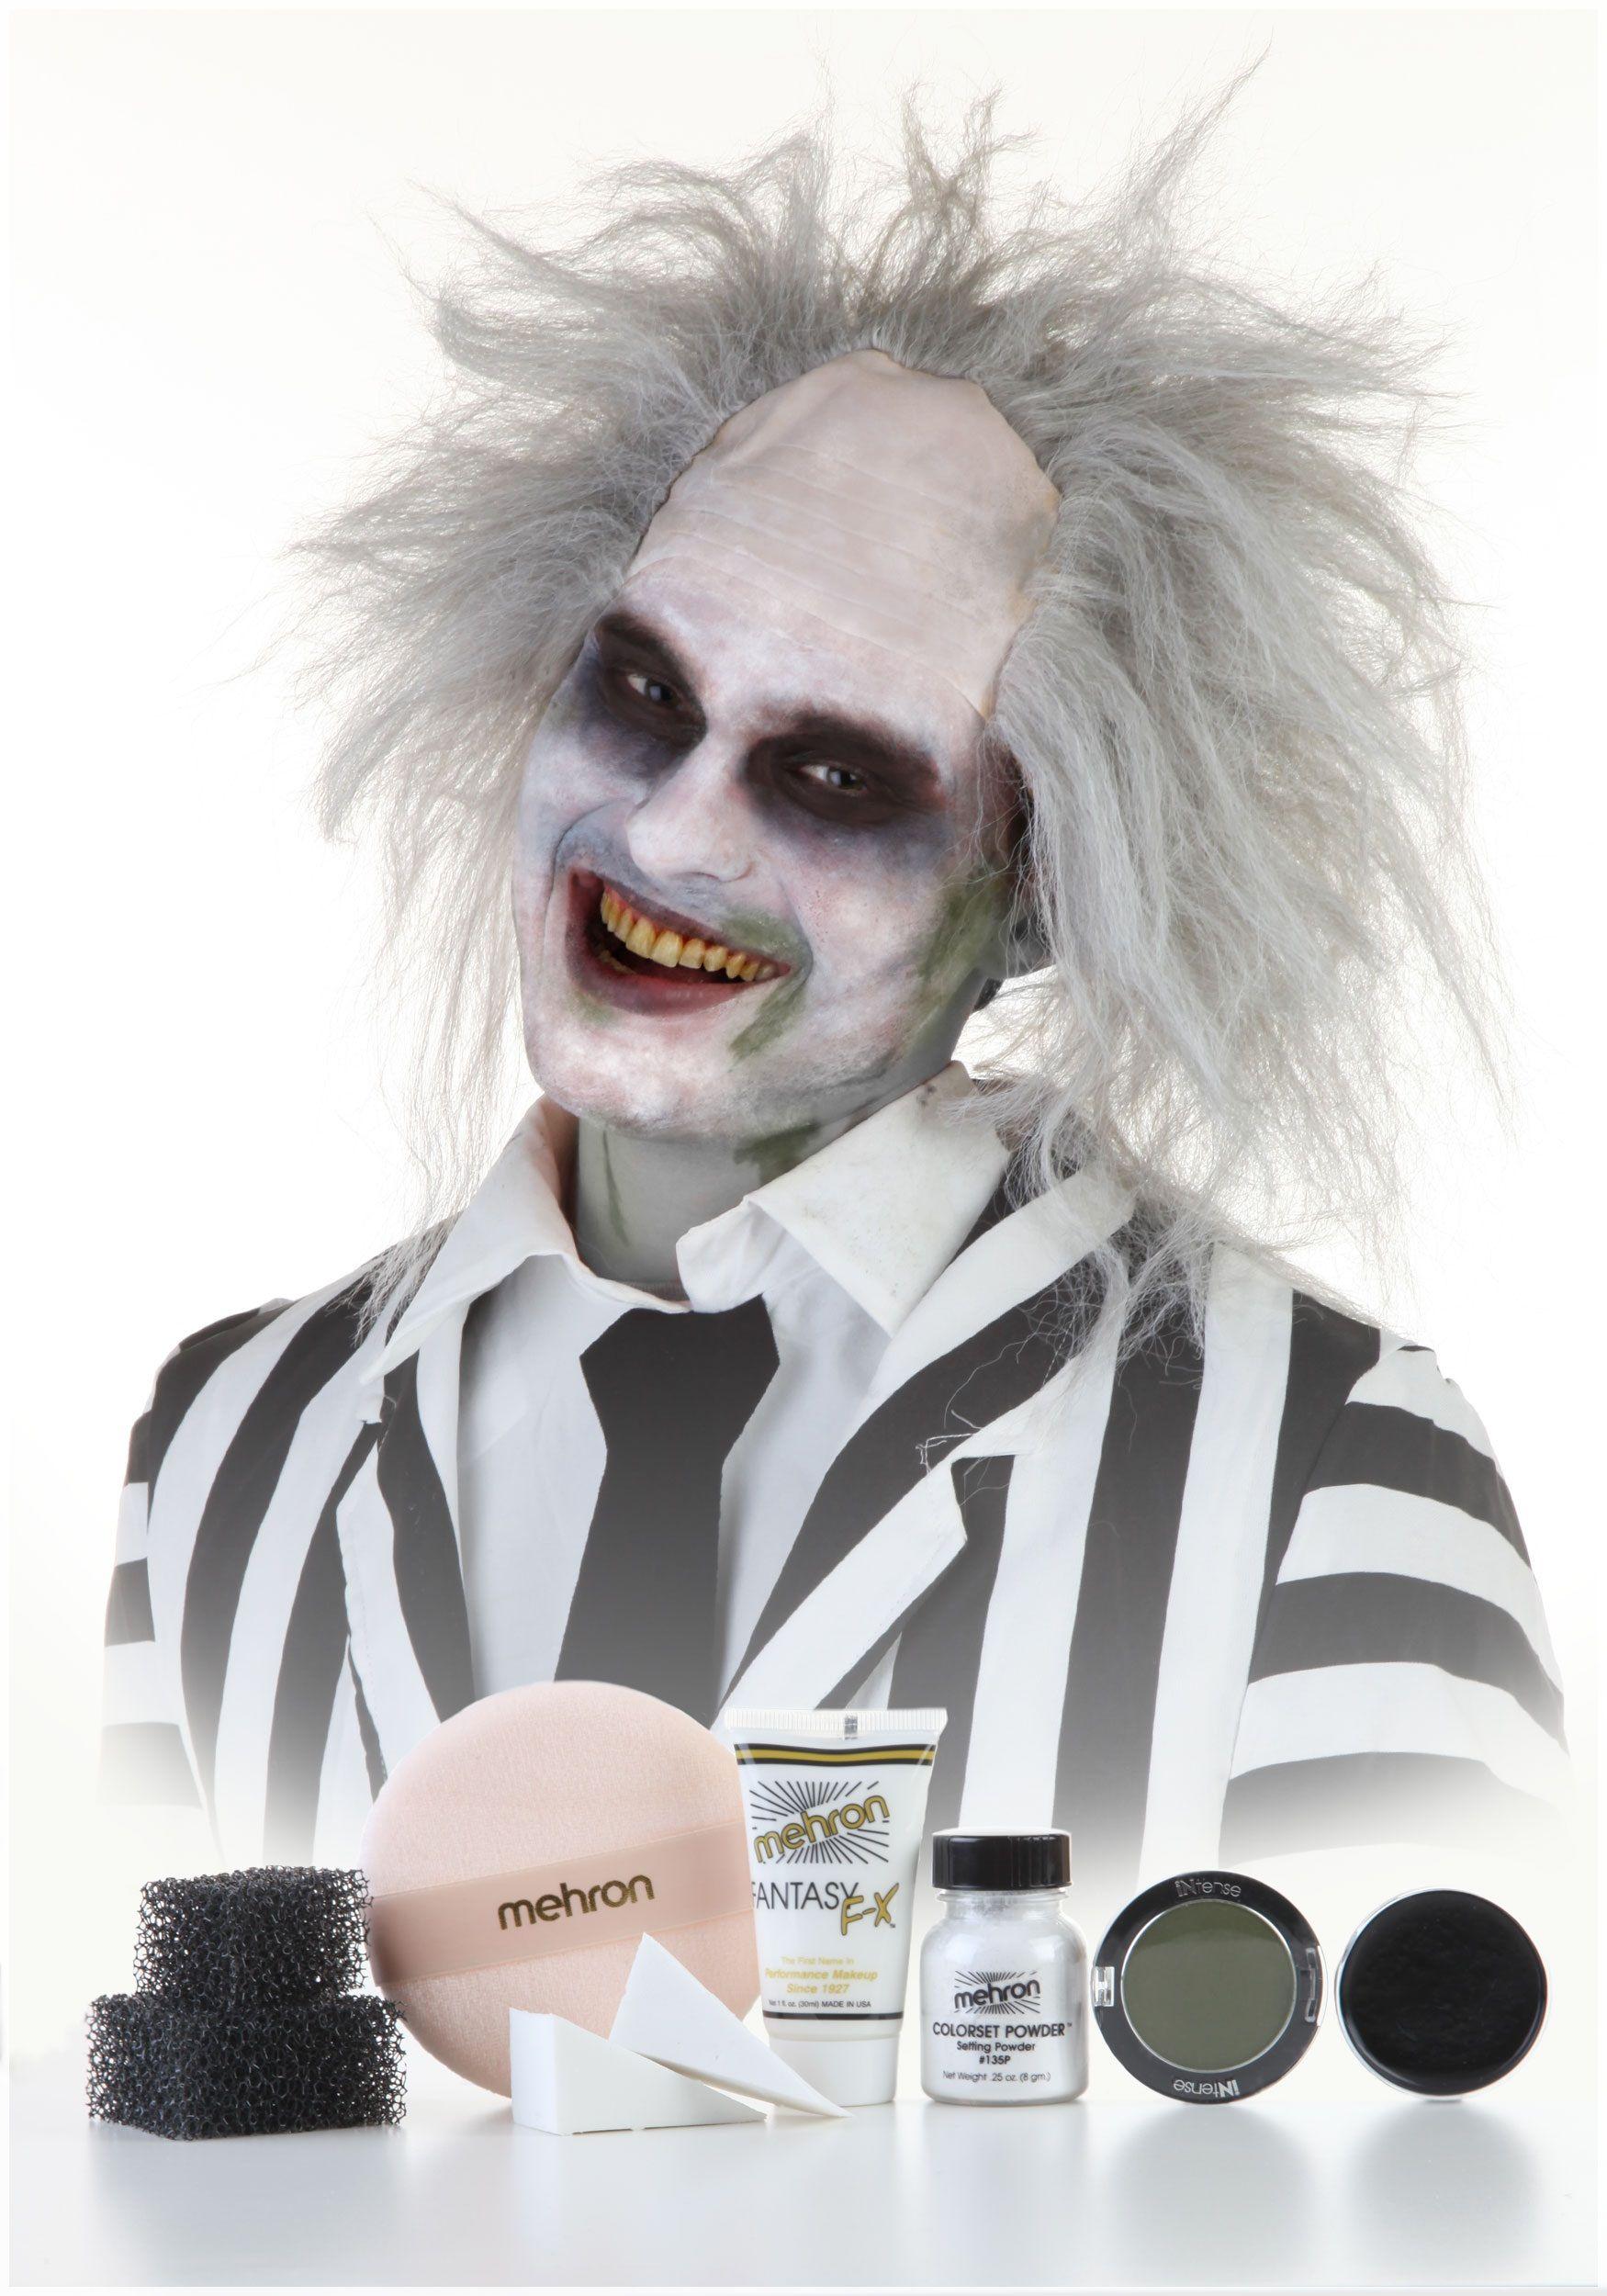 ghost makeup BeetleJuice Ghost makeup, Beetlejuice